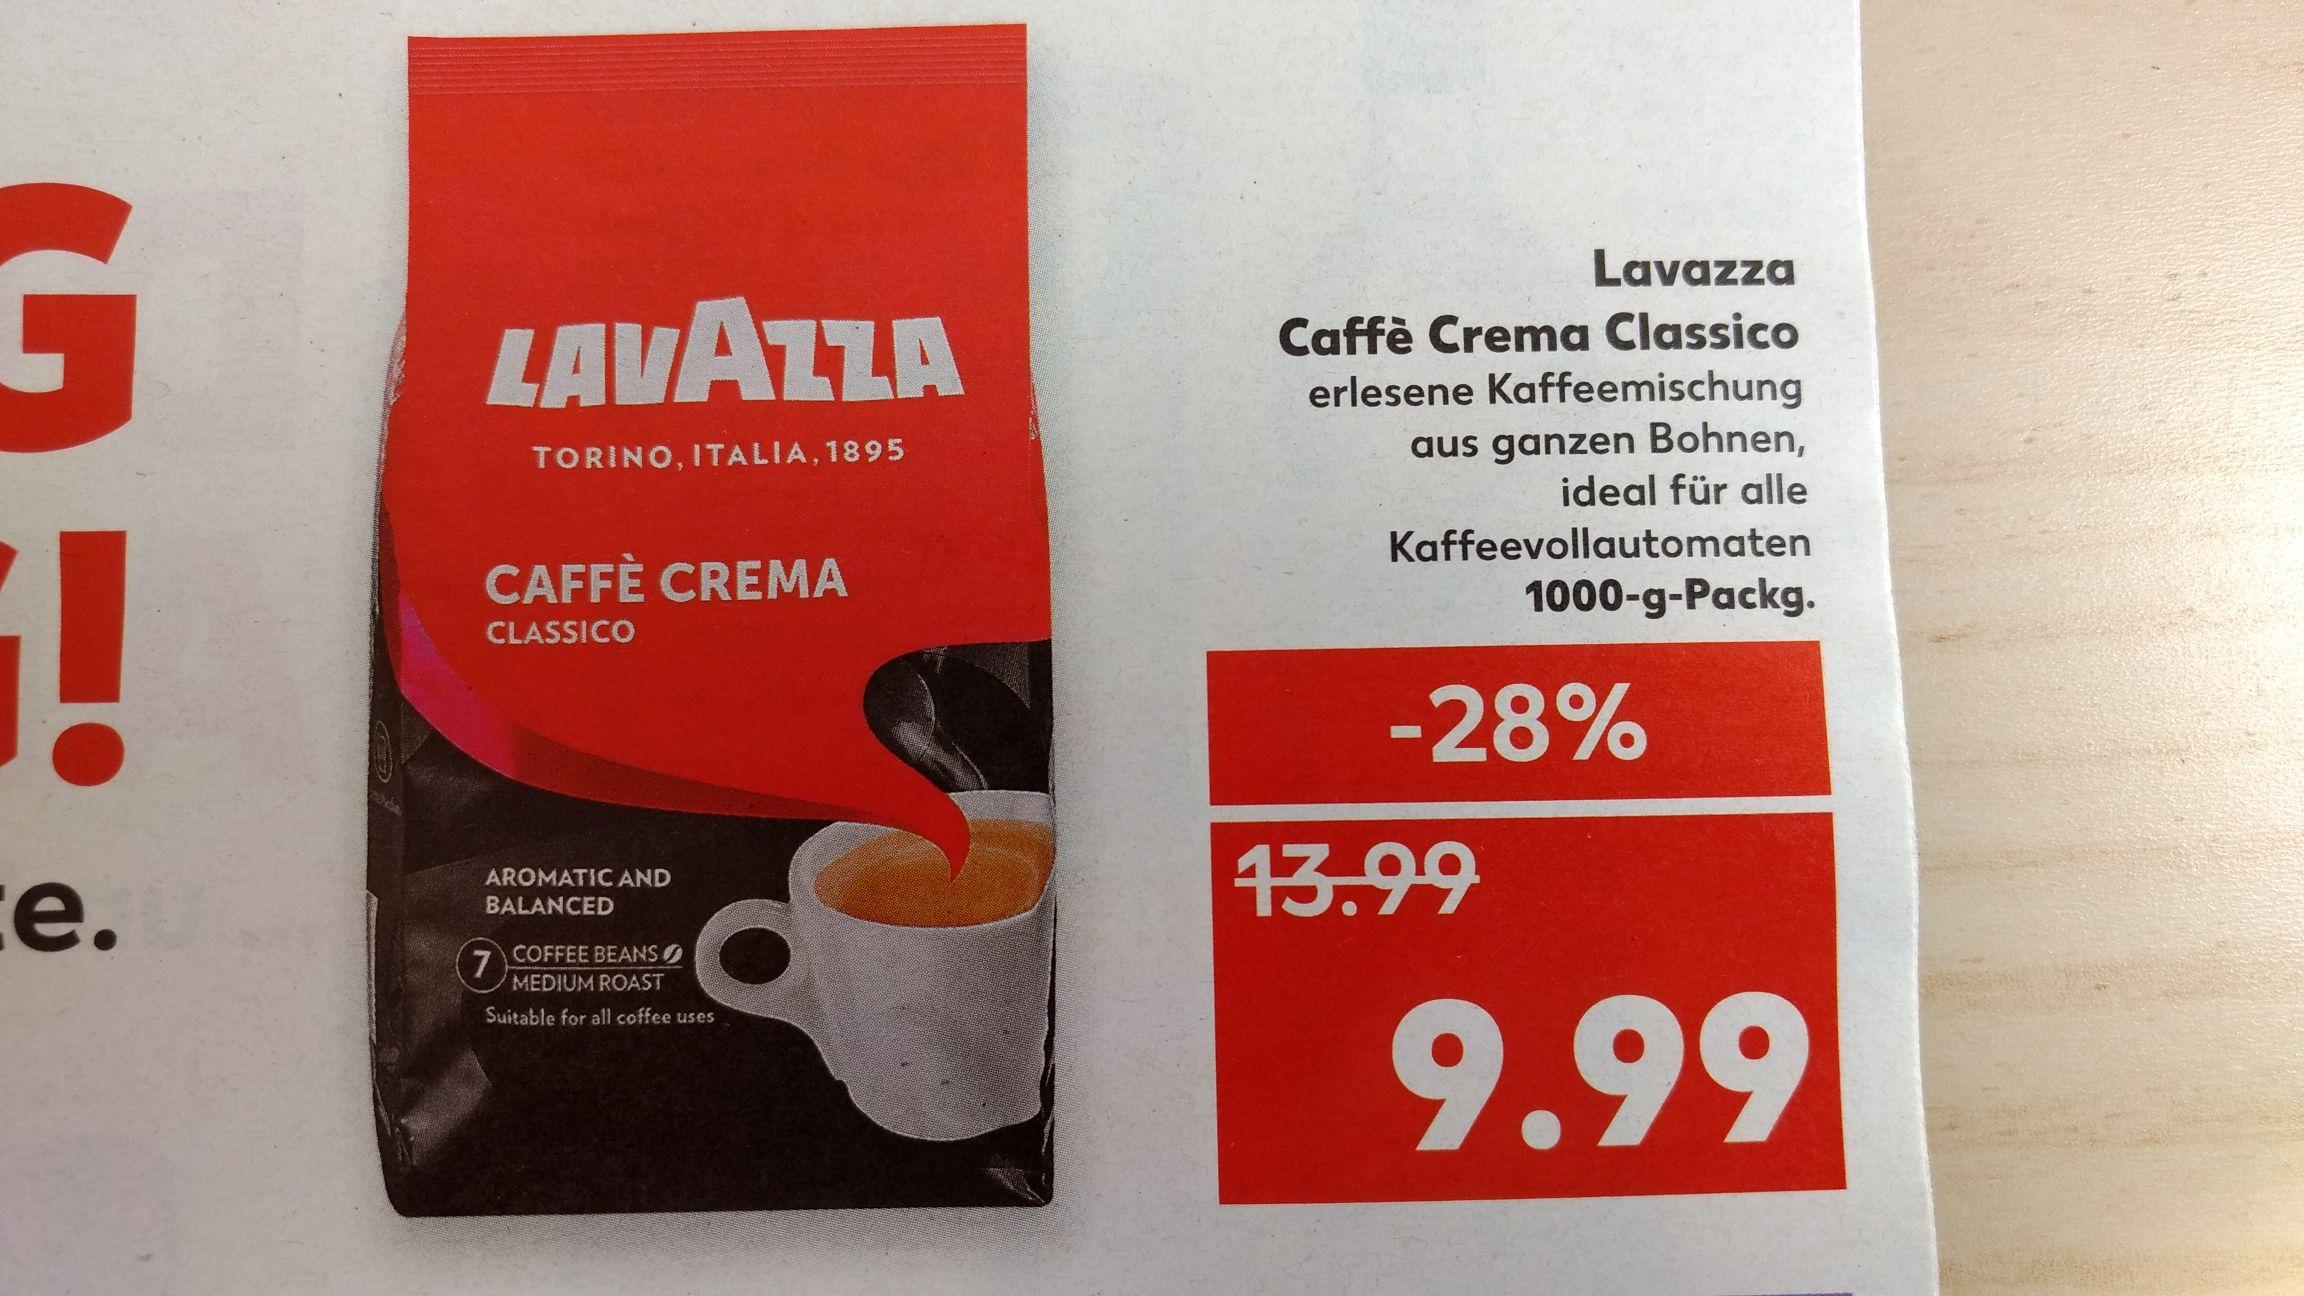 [Kaufland] Lavazza Caffé Crema Classico 1kg